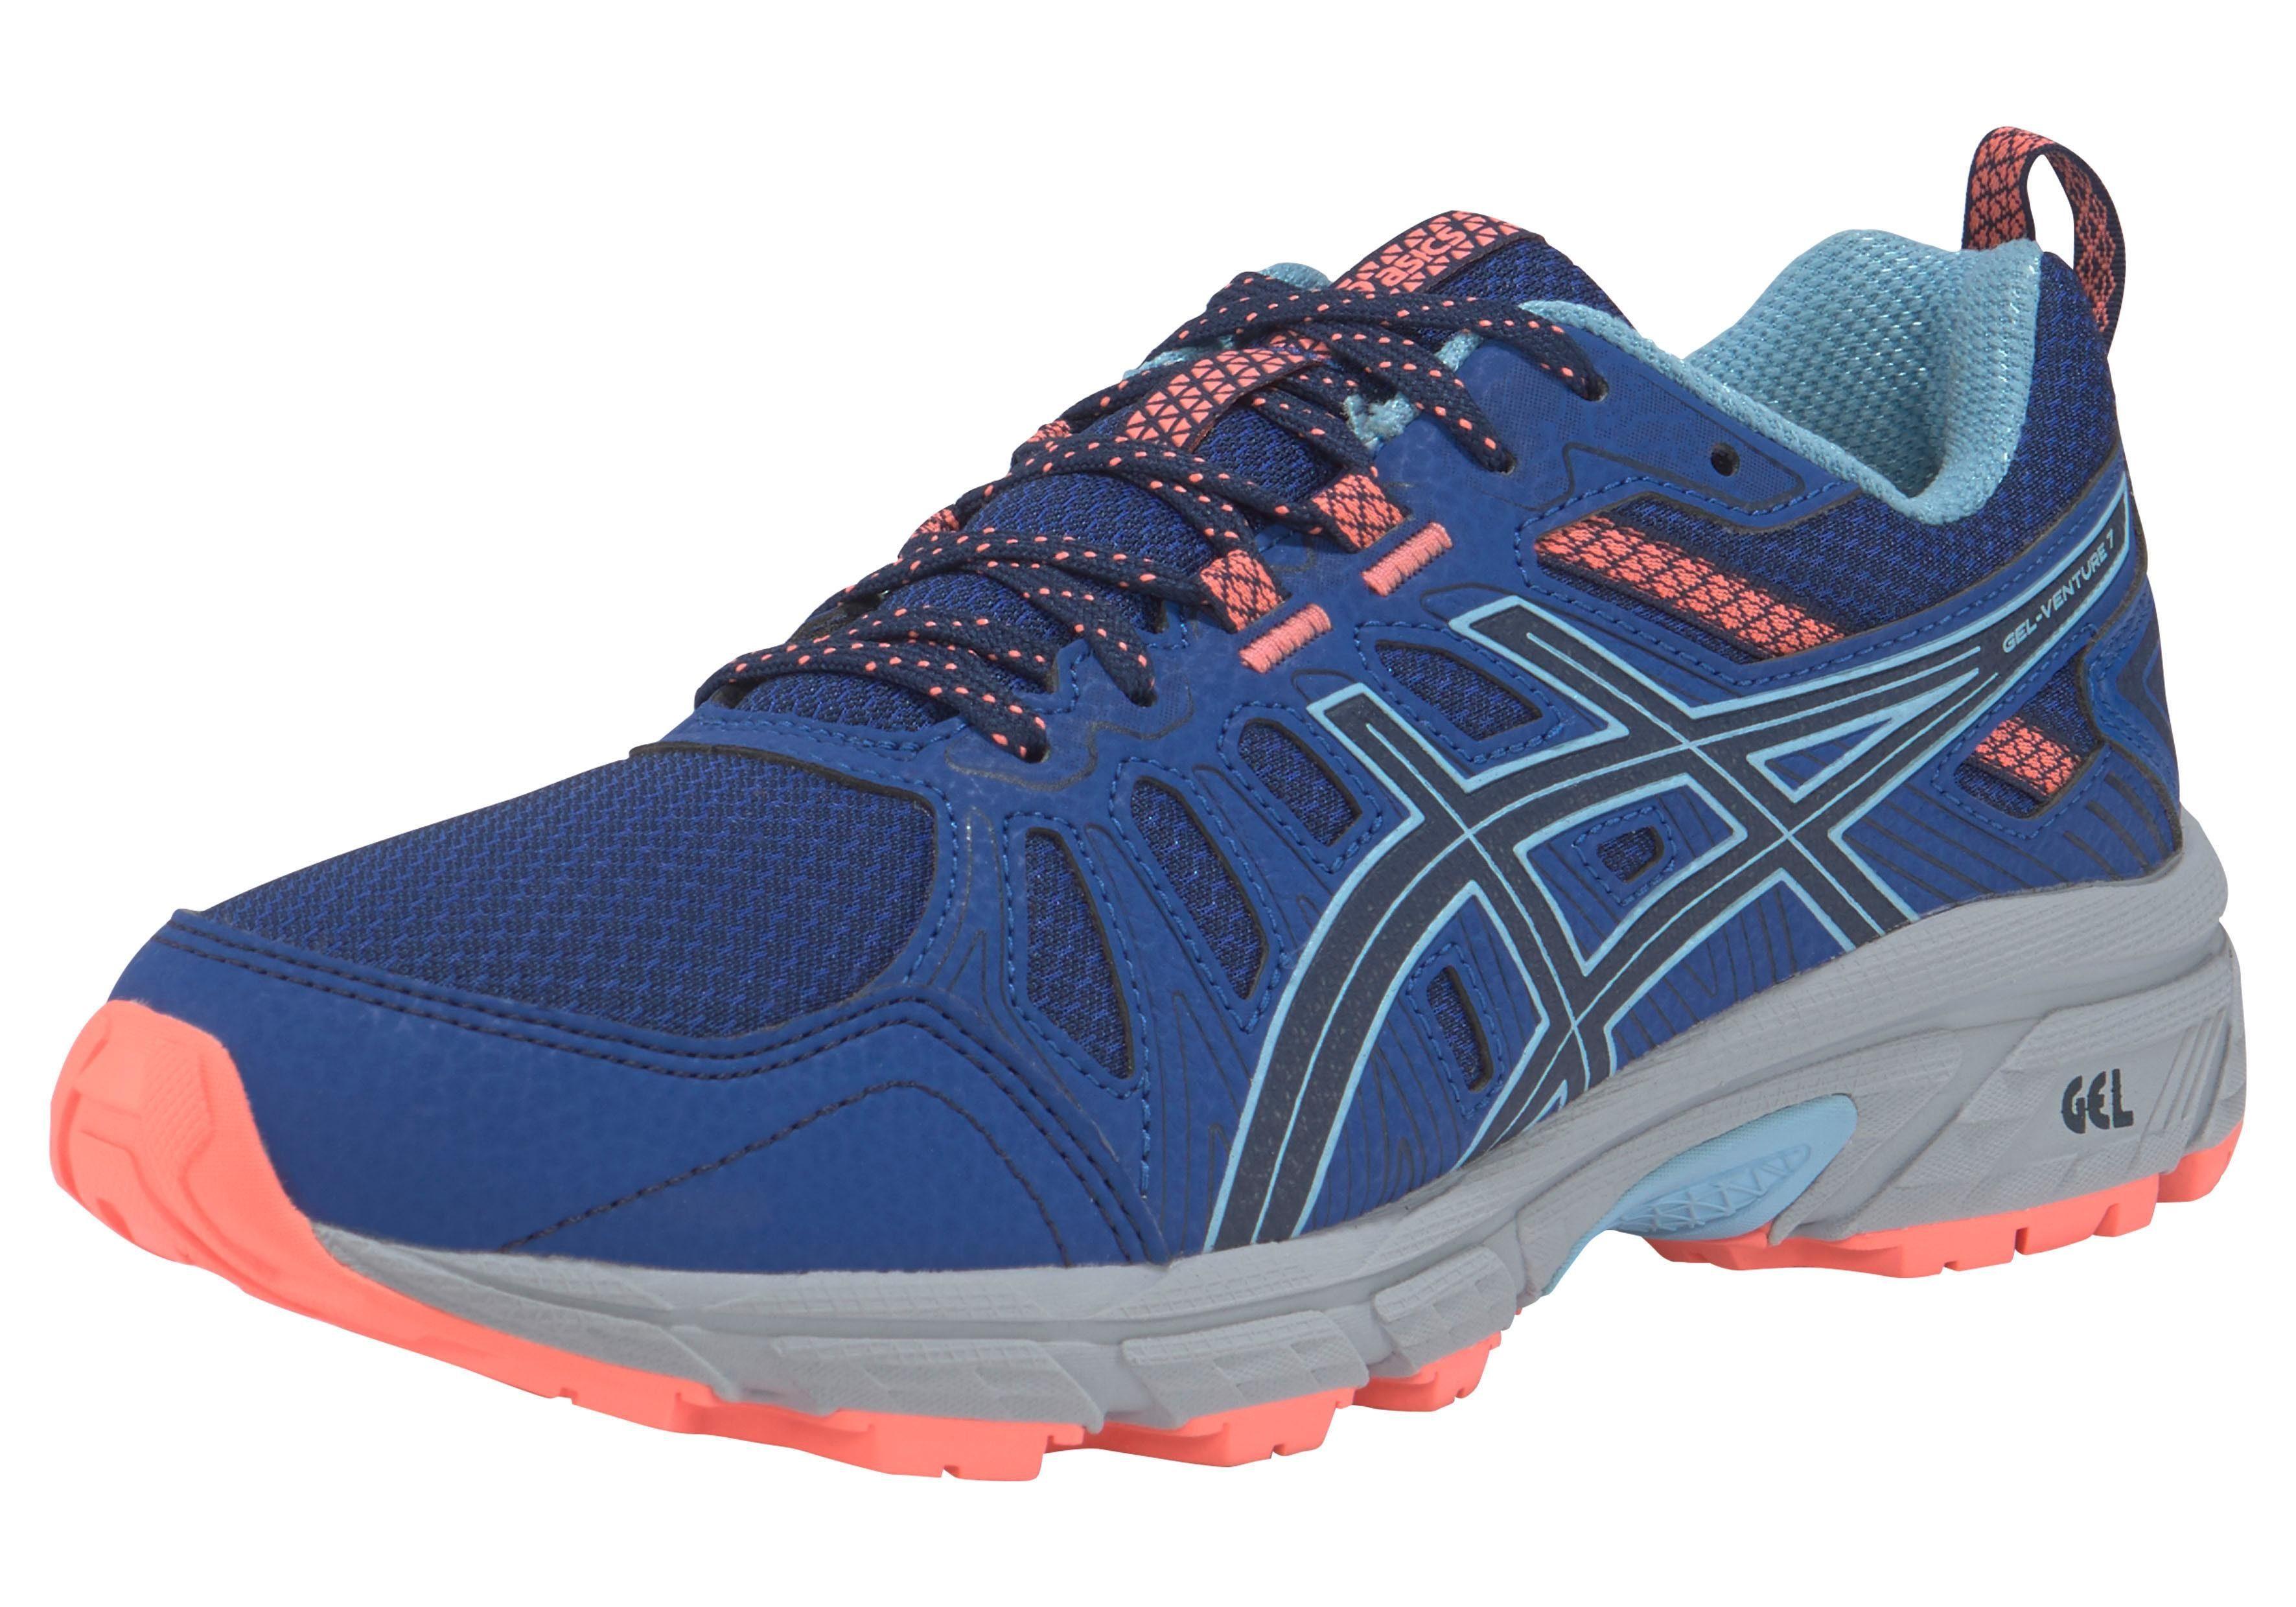 Asics »Gel Venture 7« Laufschuh, Atmungsaktiver Obermaterialmix aus Textil  und Synthetik online kaufen | OTTO